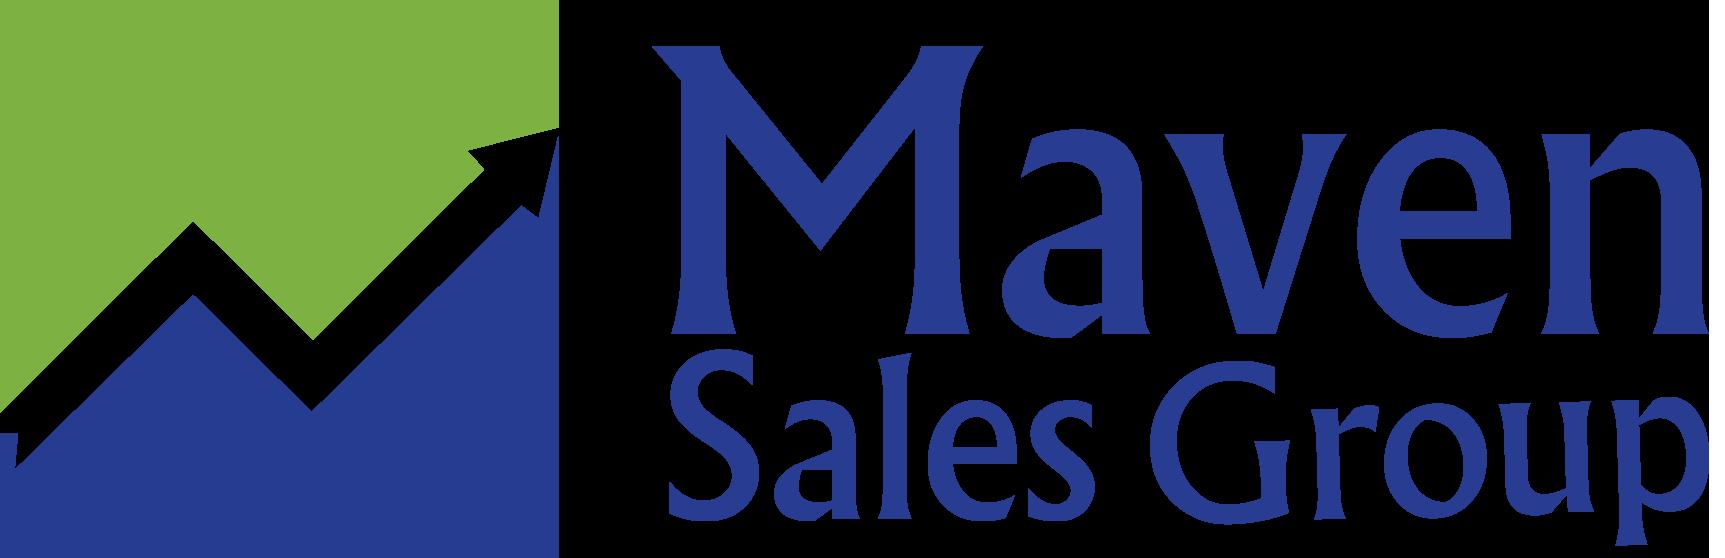 Maven Sales Group Logo